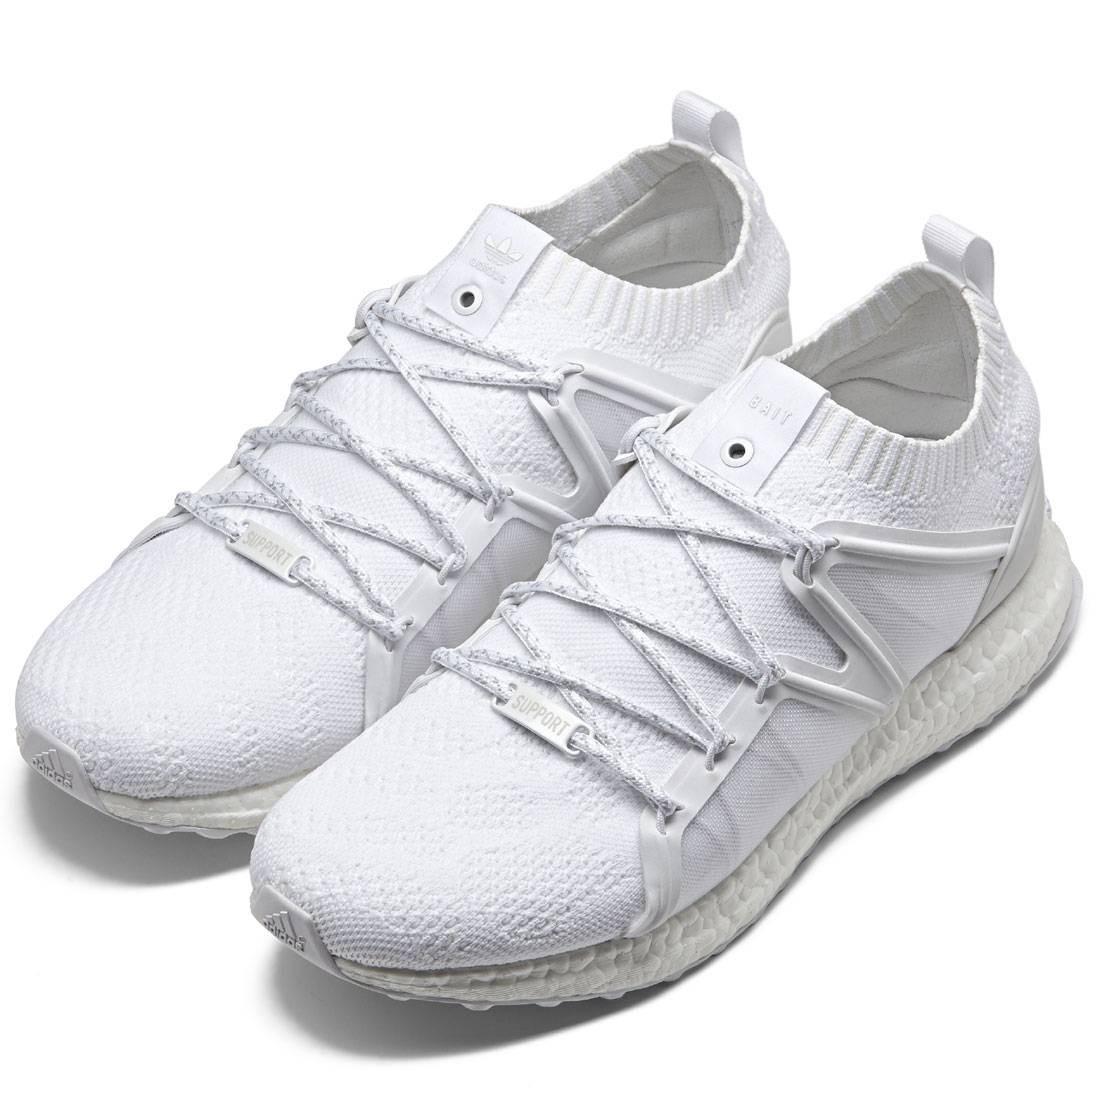 BAIT x Adidas Consortium EQT Support 93